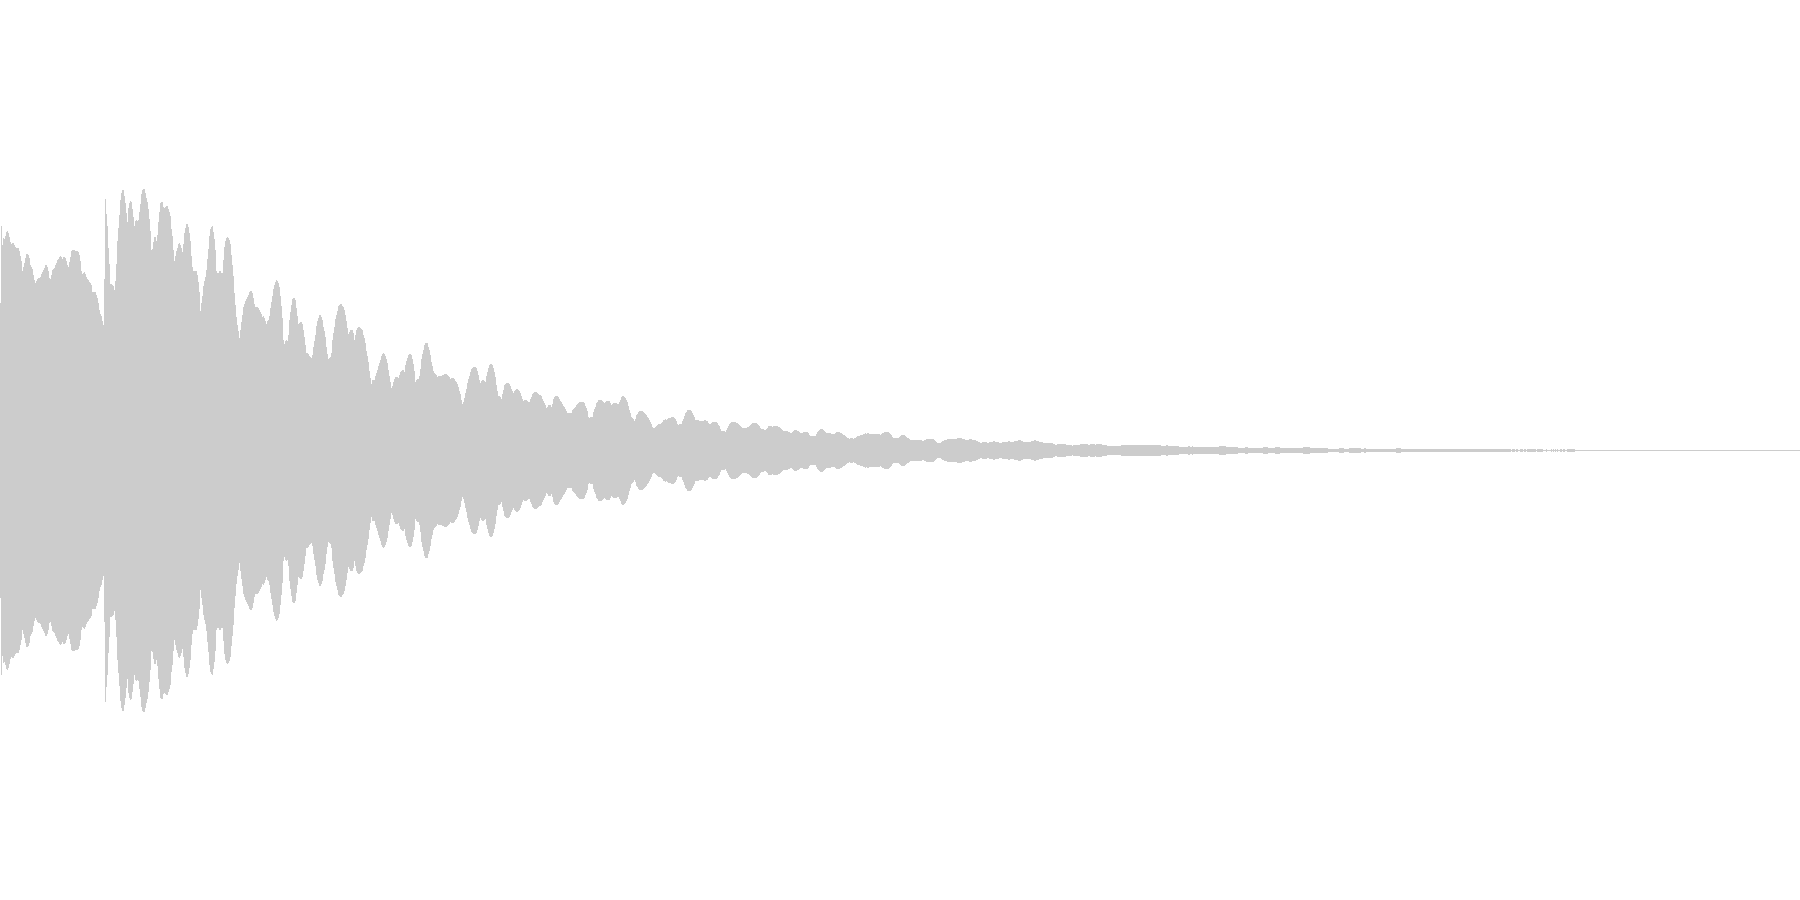 光イメージ音 ピキーン_02_モノの未再生の波形